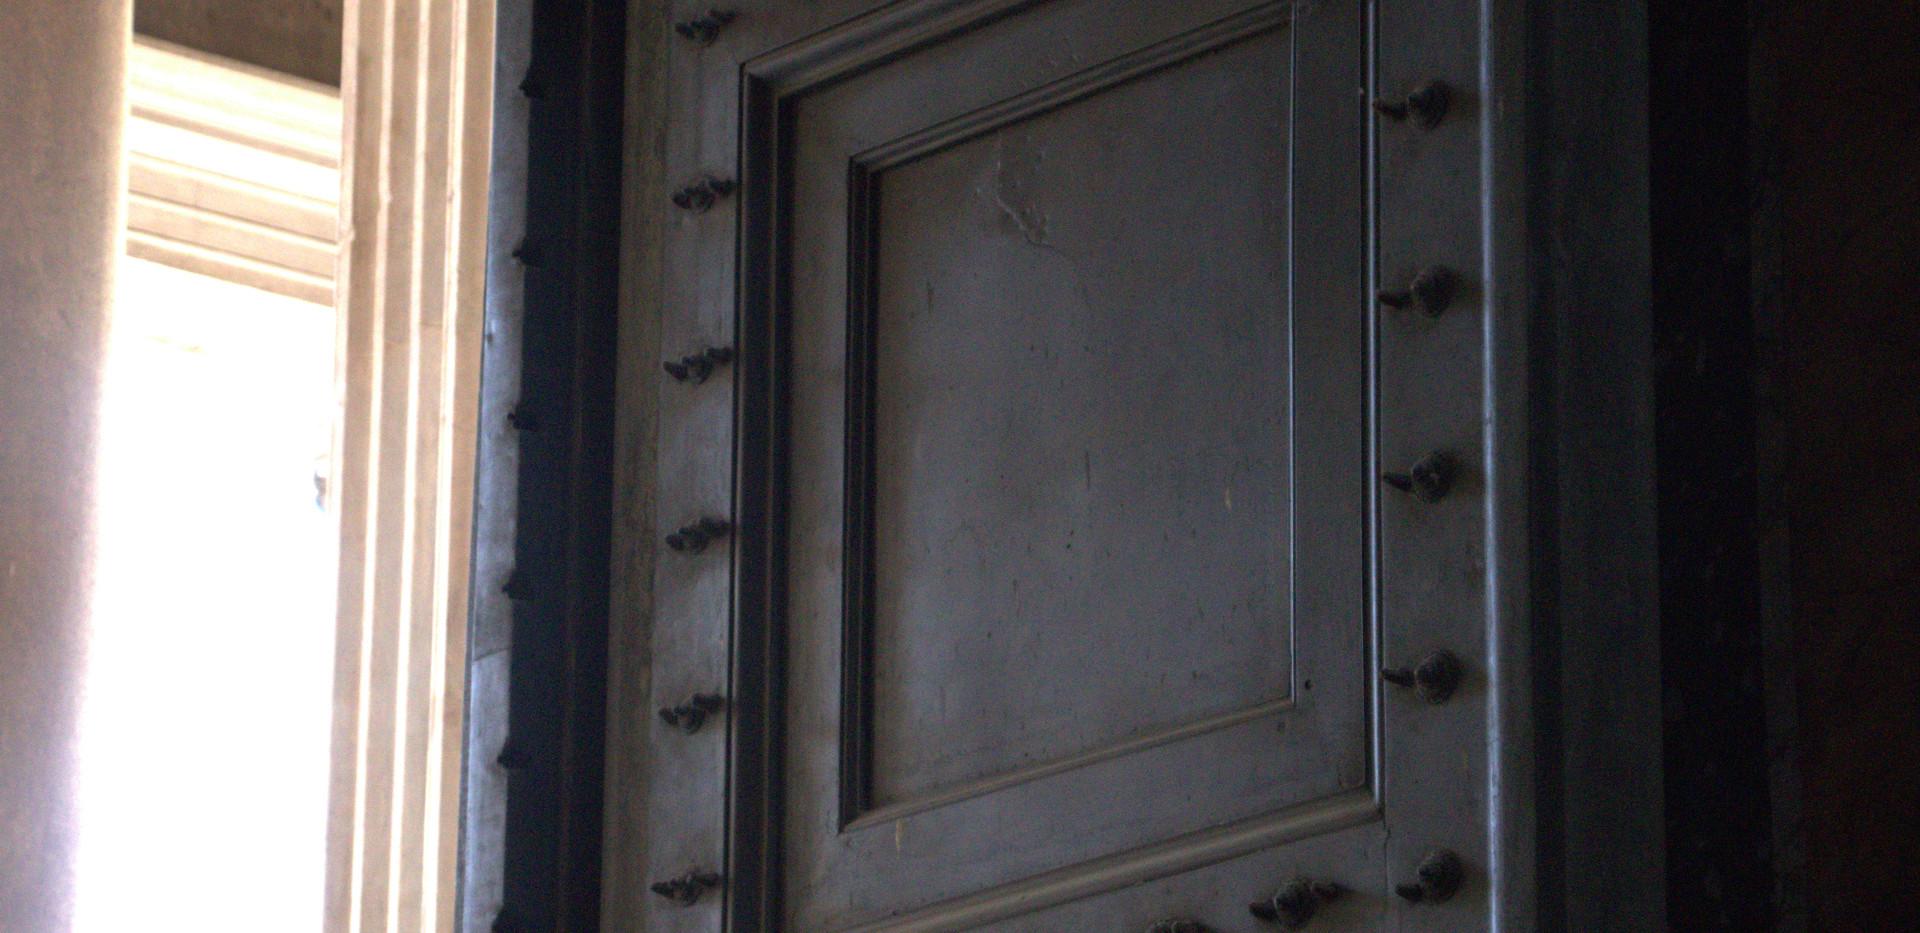 pantheondoor.jpg